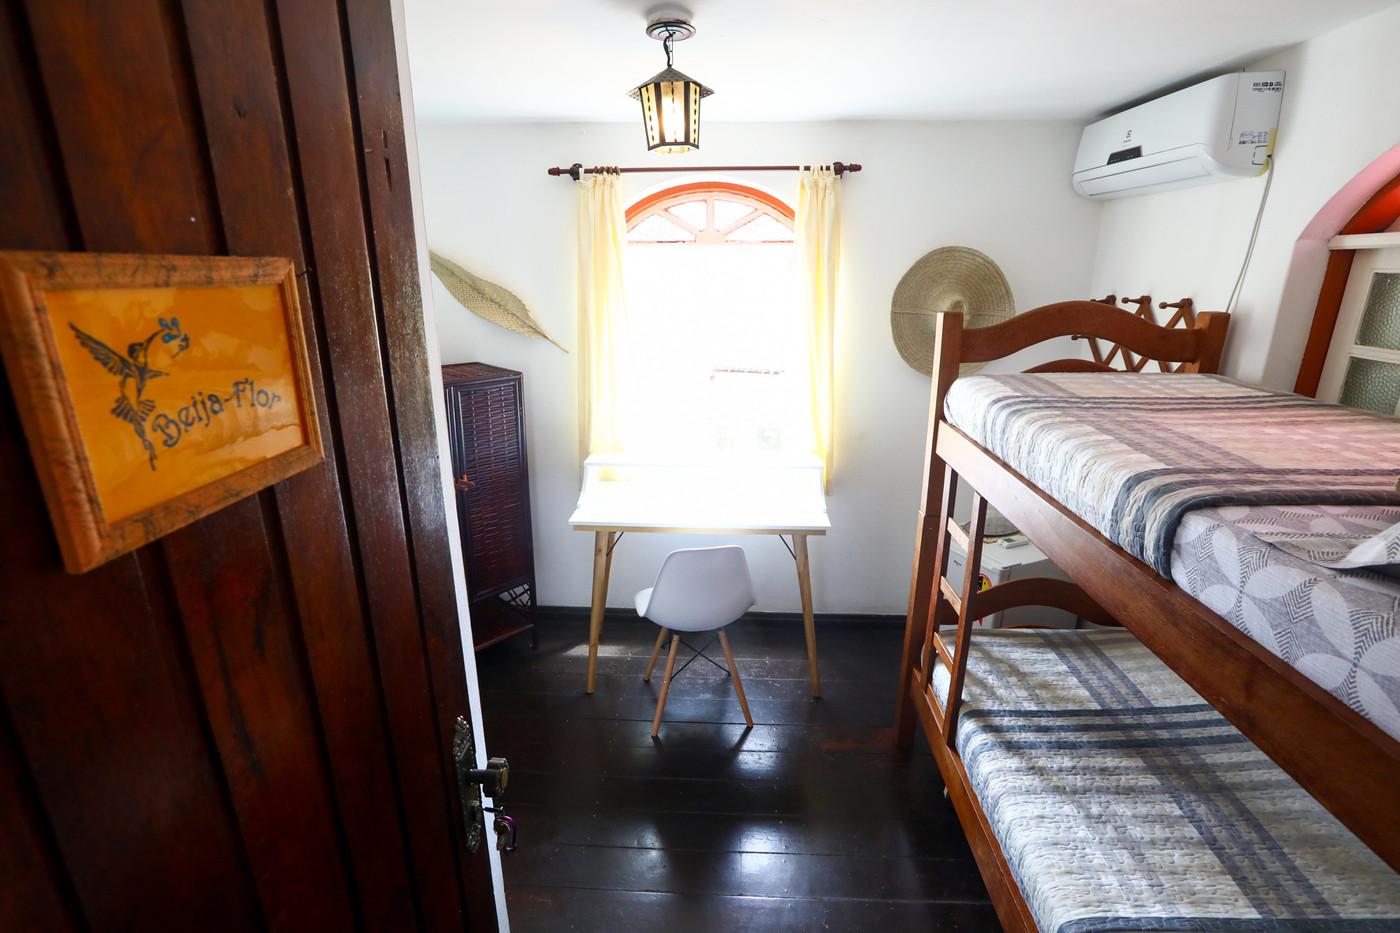 hospedaria-tayrona-quarto-beija-flor-9.j